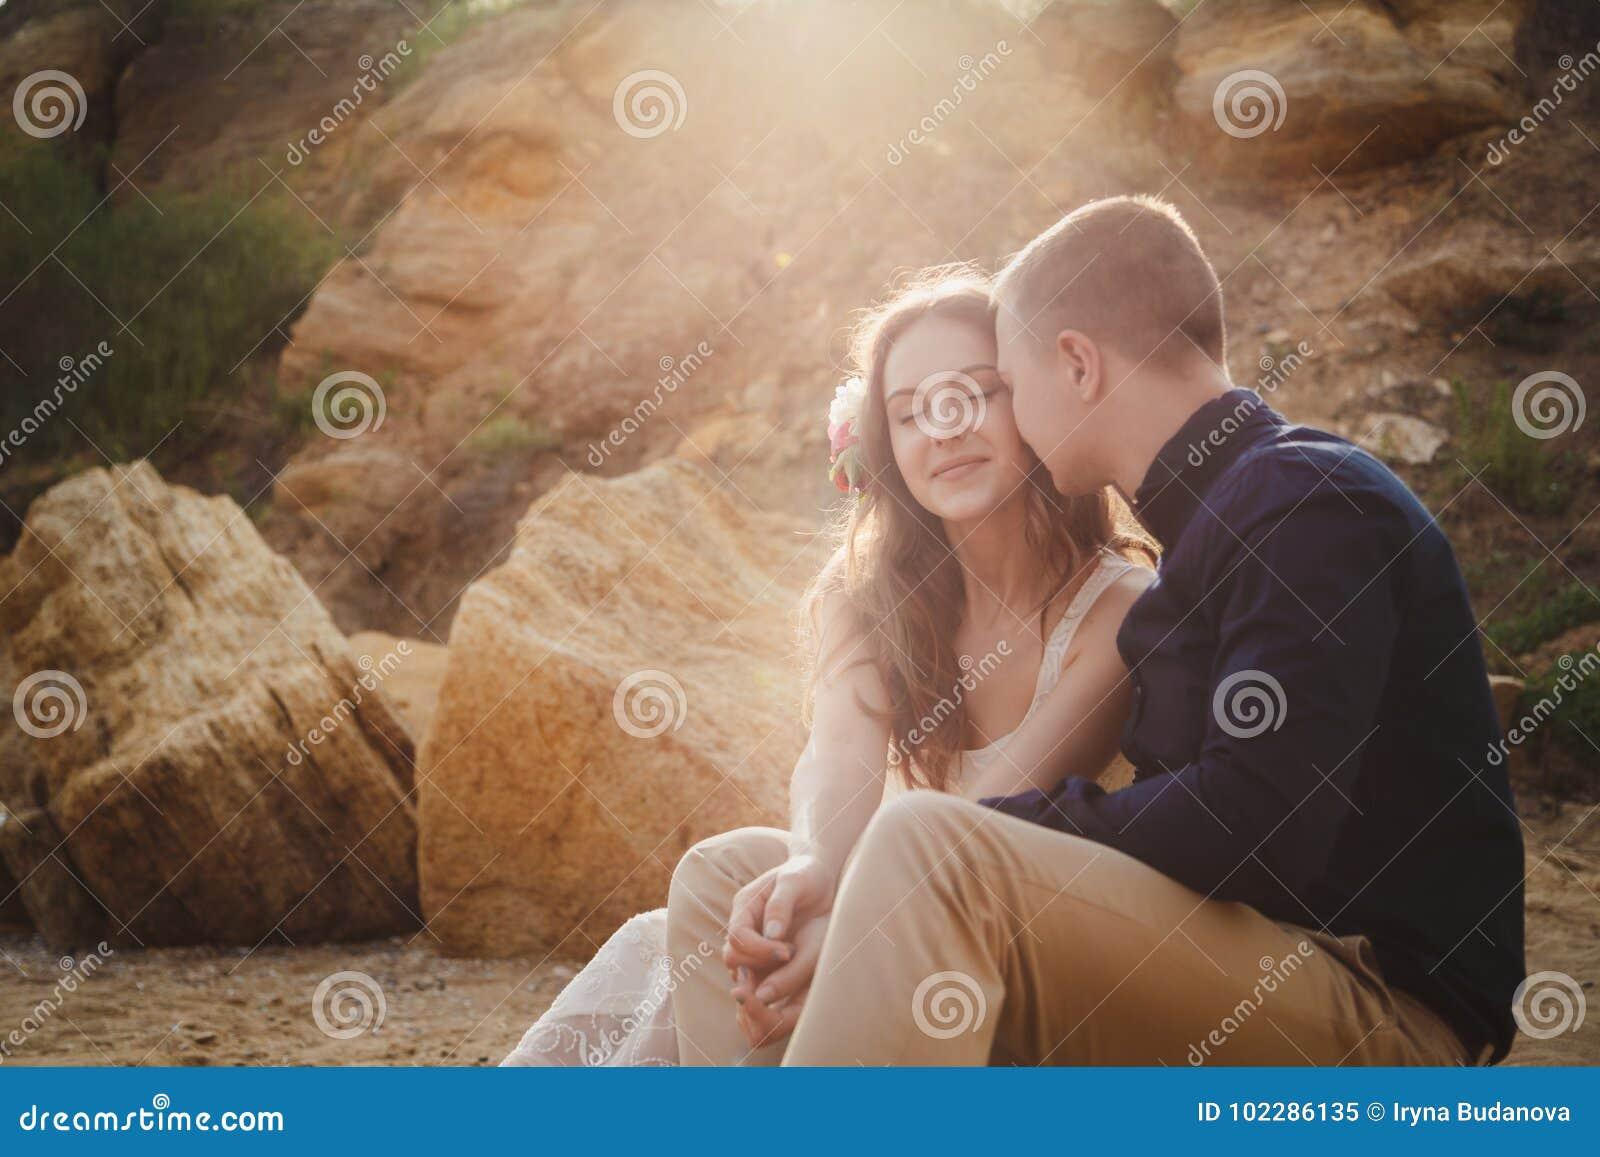 Utomhus- strandbröllopceremoni, slut upp av stilfulla lyckliga romantiska par som sitter tillsammans i solljus